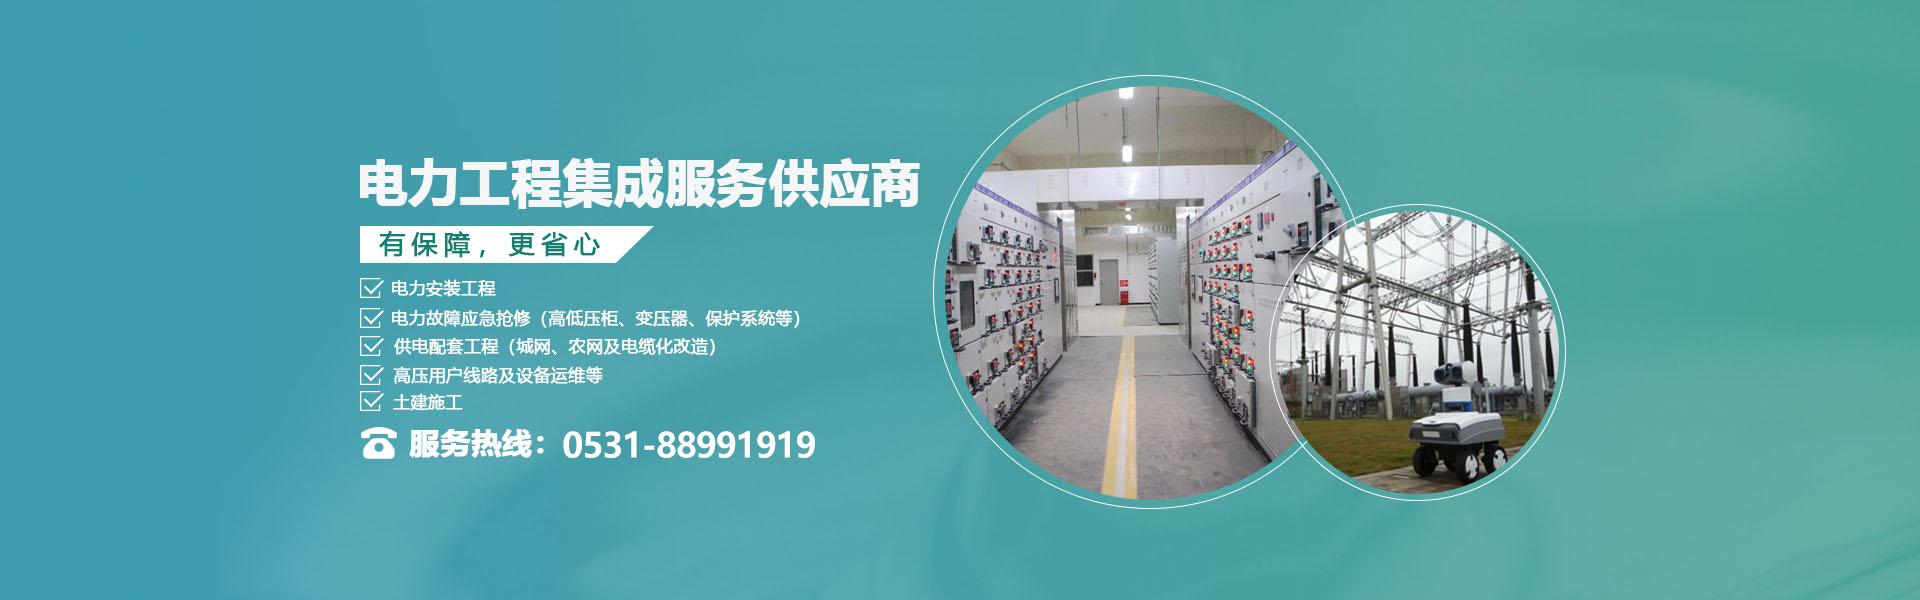 电力工程安装